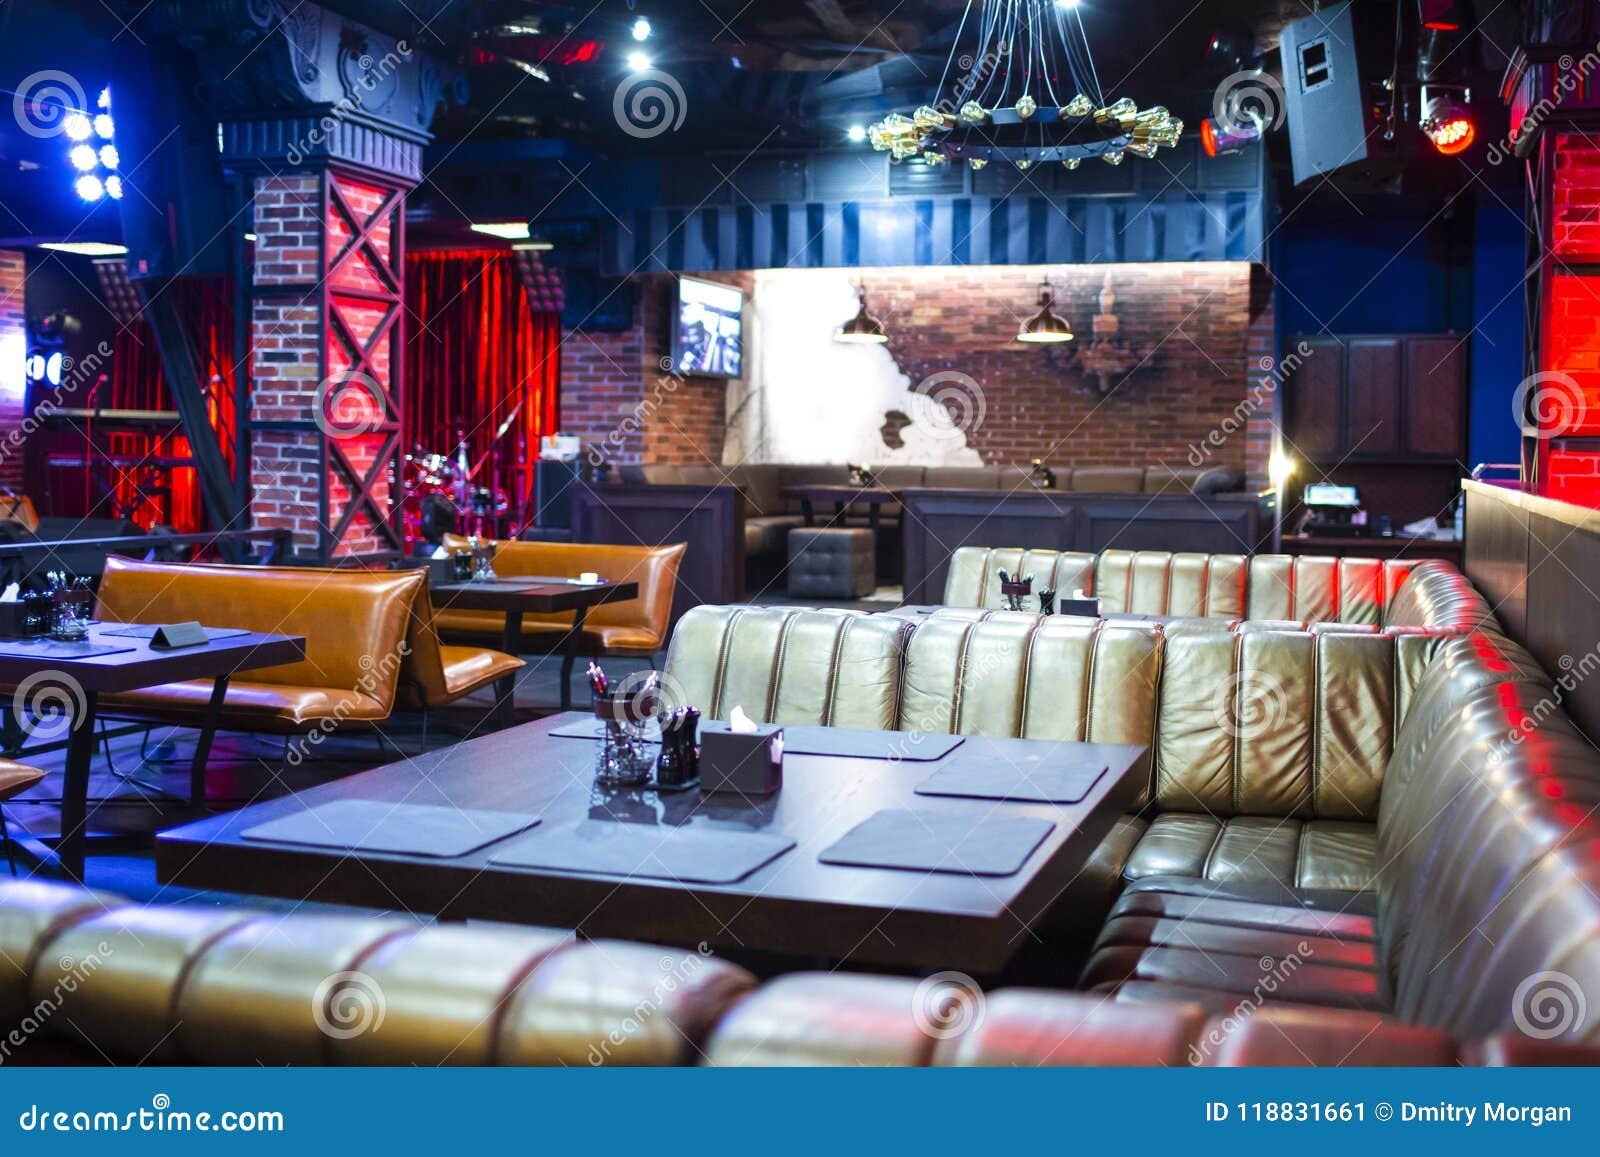 Innenraum des modernen Nachtclubs mit Beleuchtung und Tonausrüstung